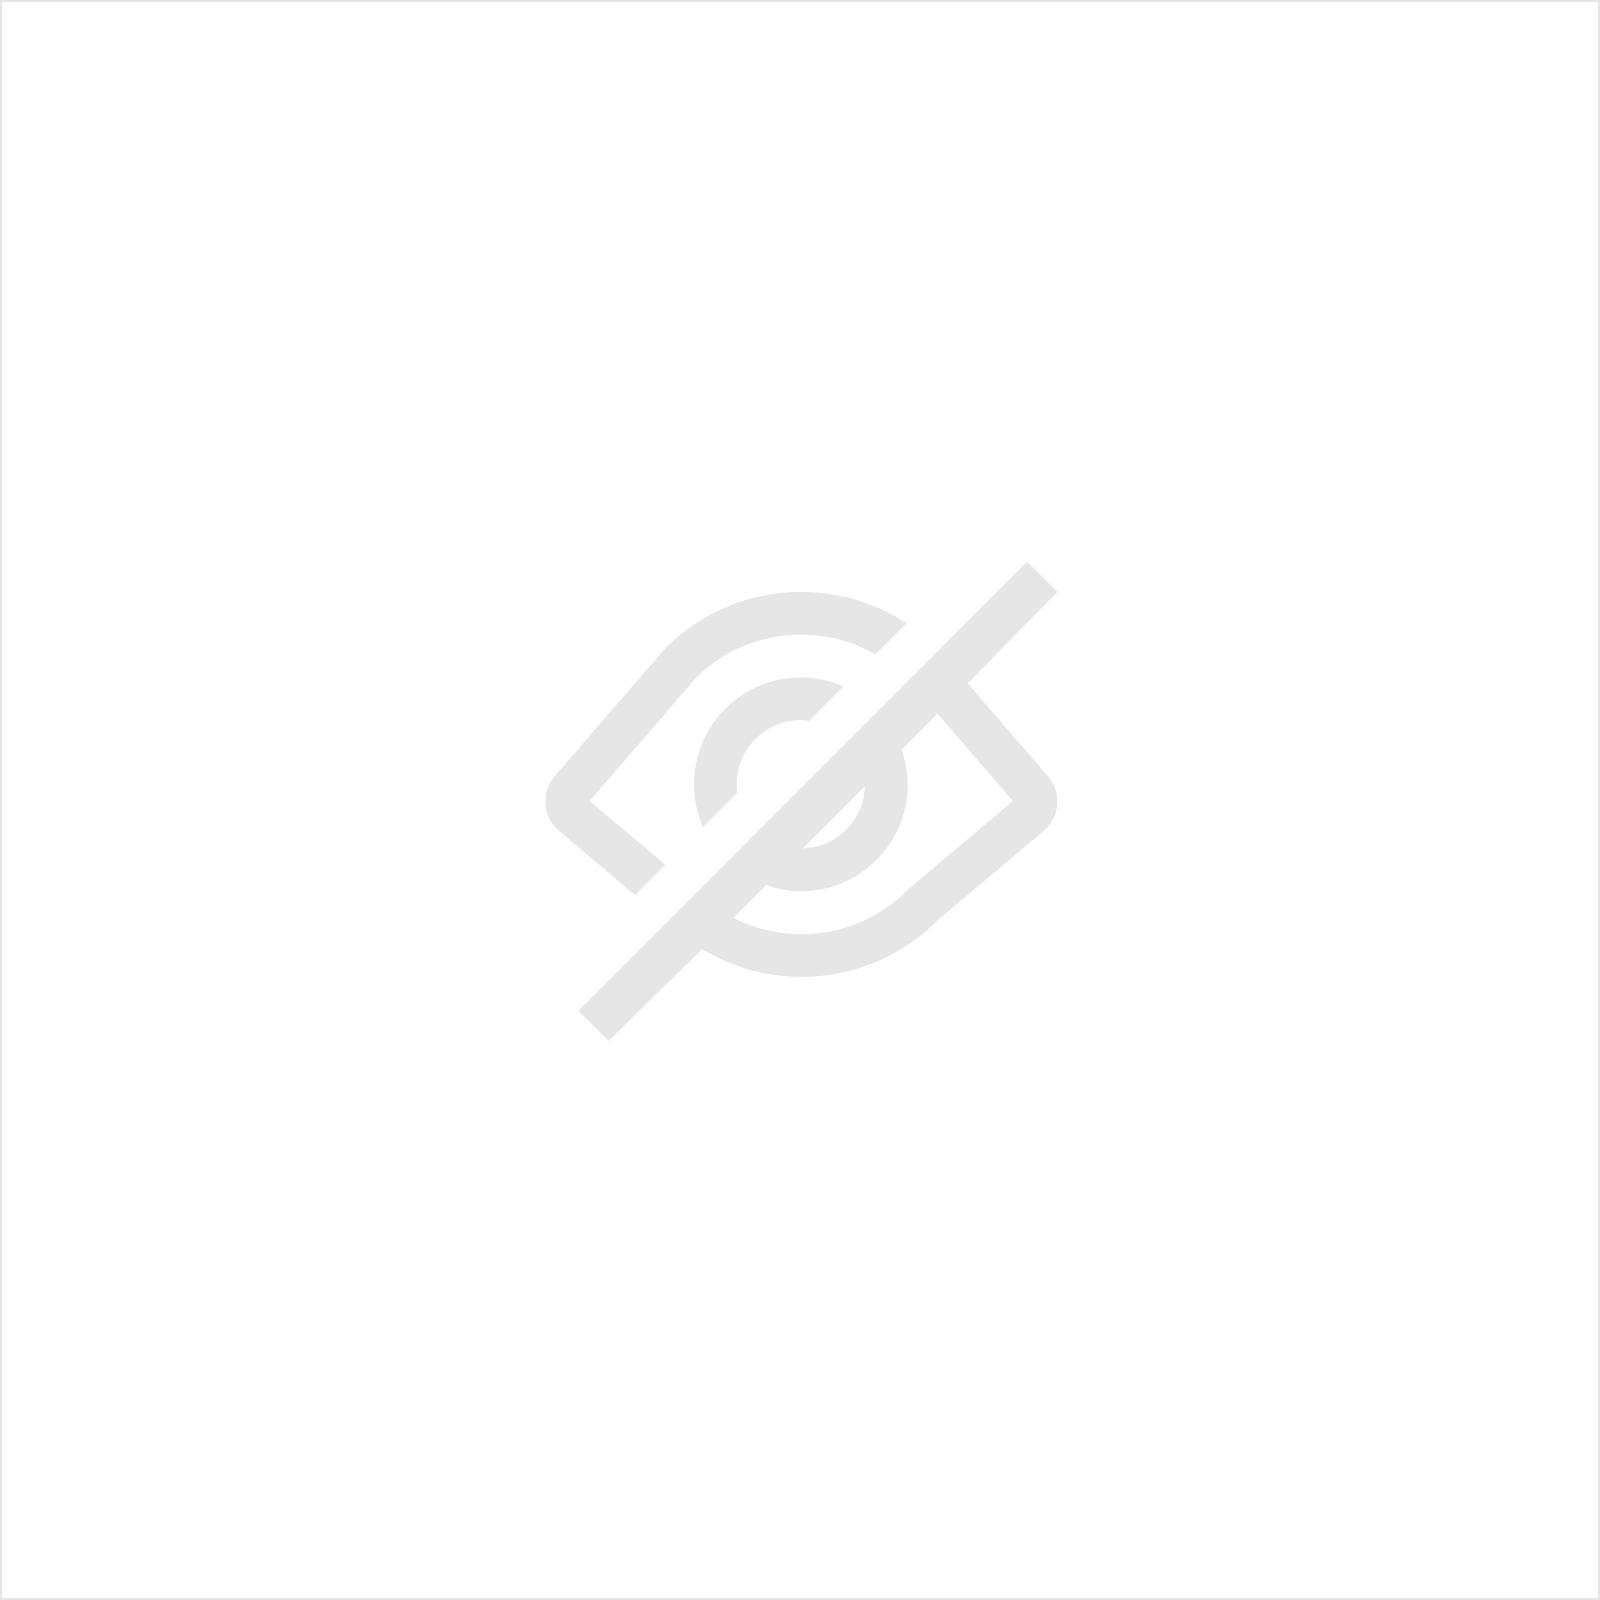 MÂCHOIRES MAGNÉTIQUES POUR PLIER 150 MM